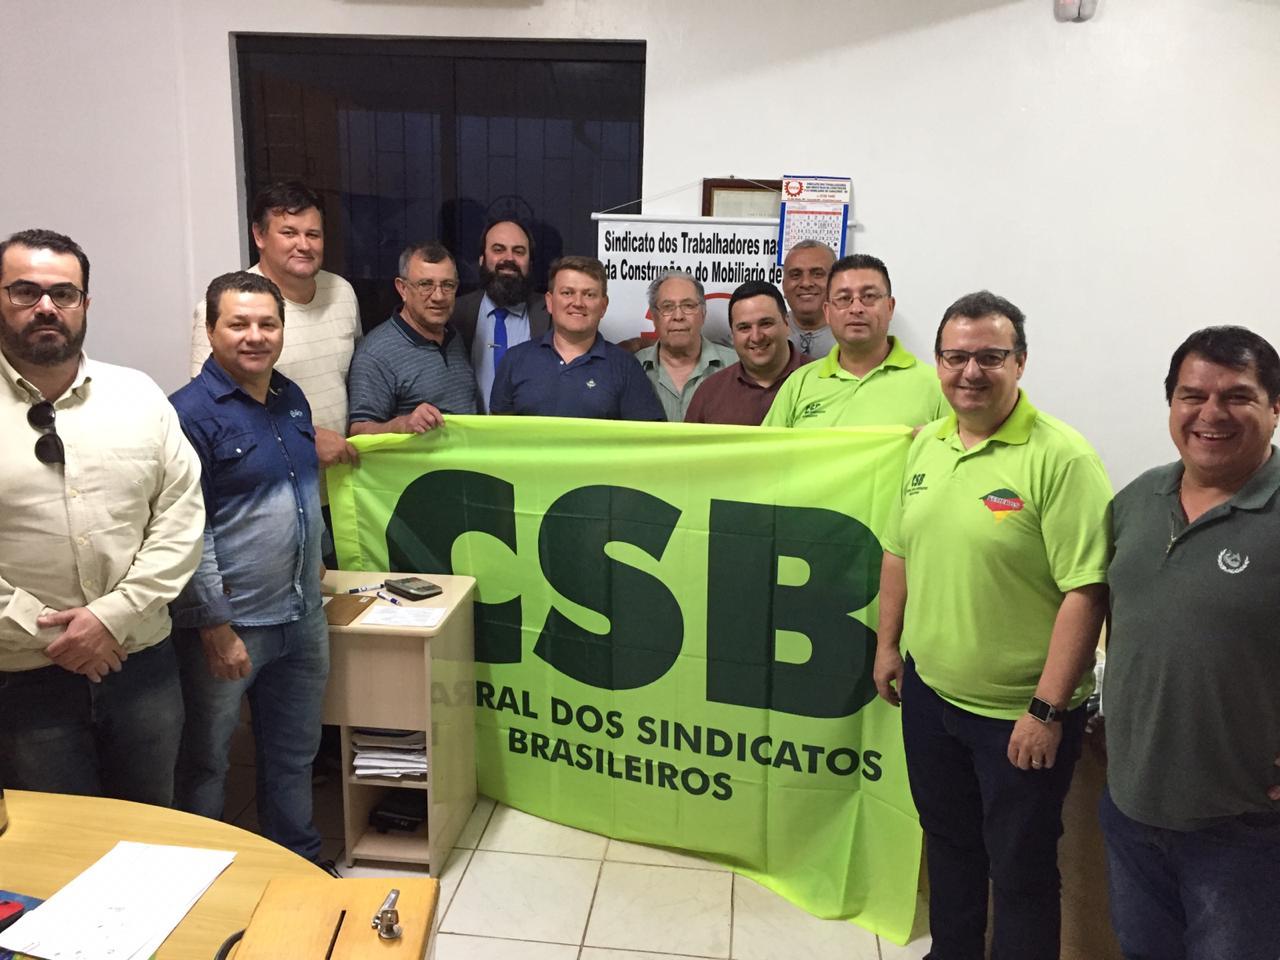 Trabalhadores de Carazinho (RS) elegem nova diretoria para o sindicato dos profissionais da indústria da construção e do mobiliário